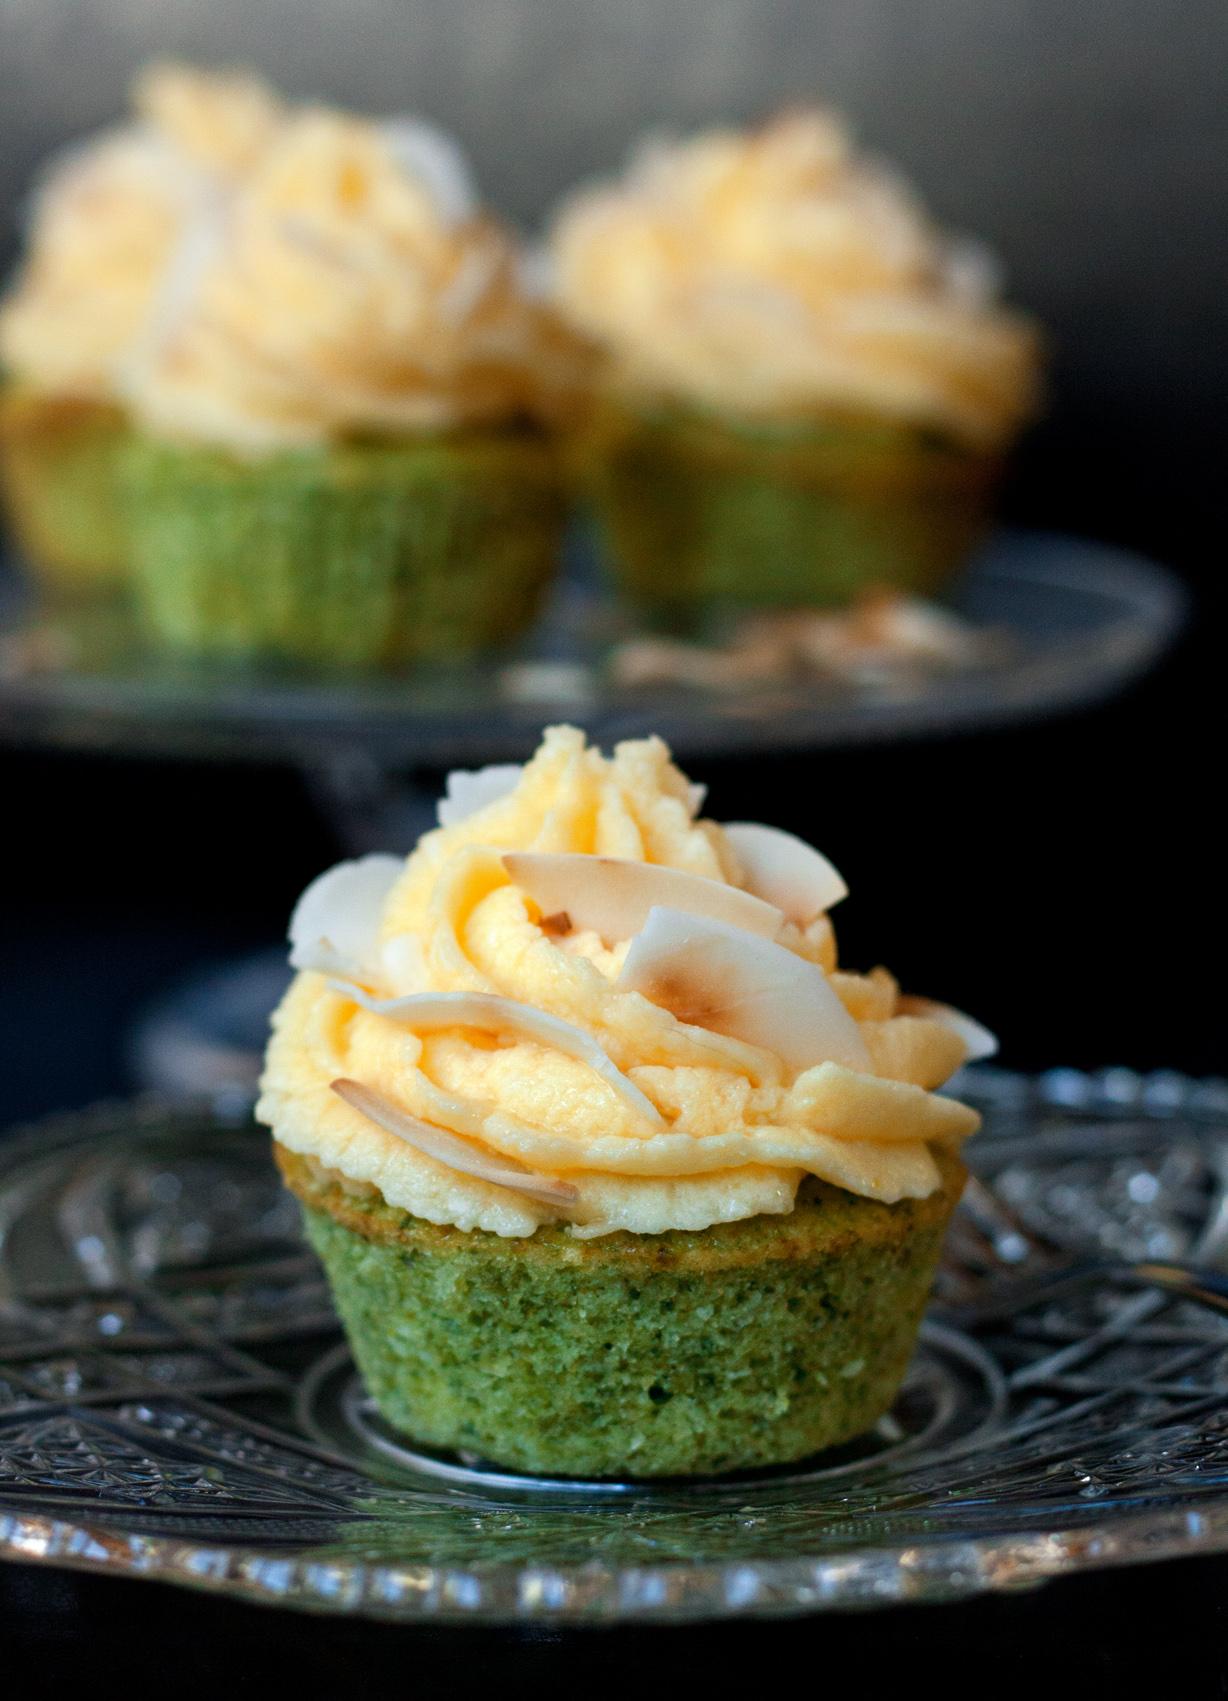 kale cupcake3